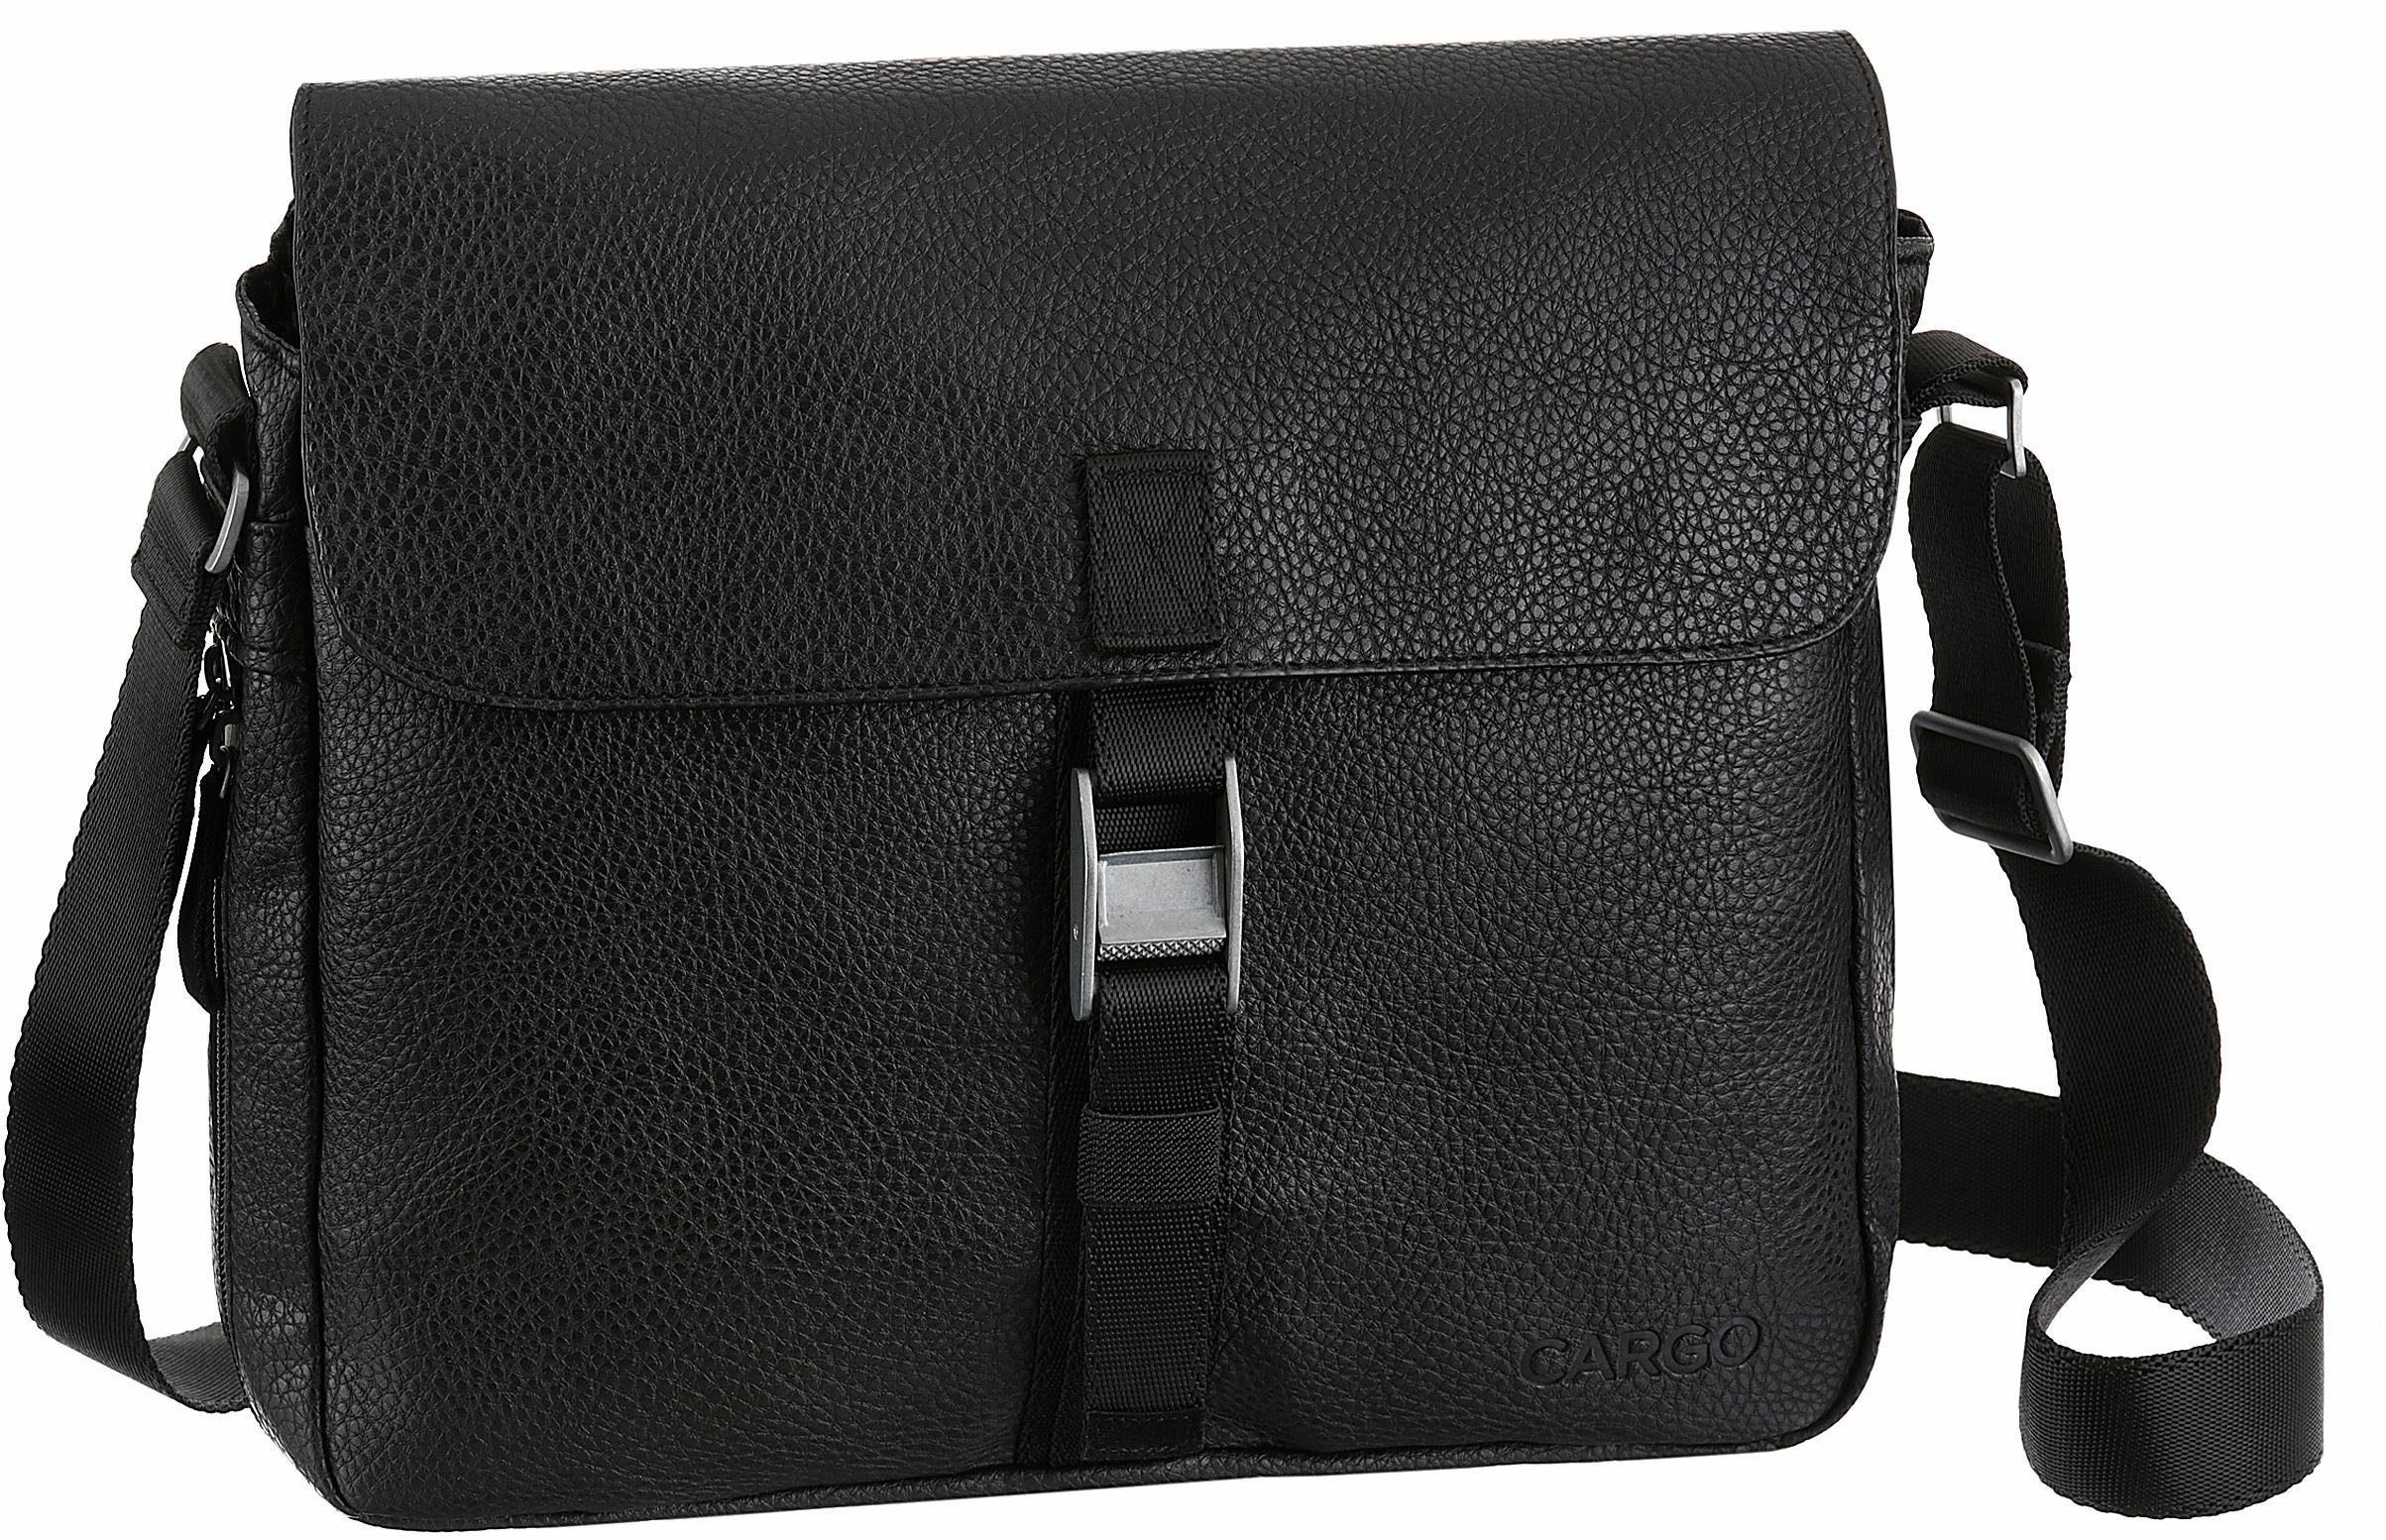 CARGO Businesstasche mit 10-Zoll Laptopfach, »Cargo 302, schwarz, M«